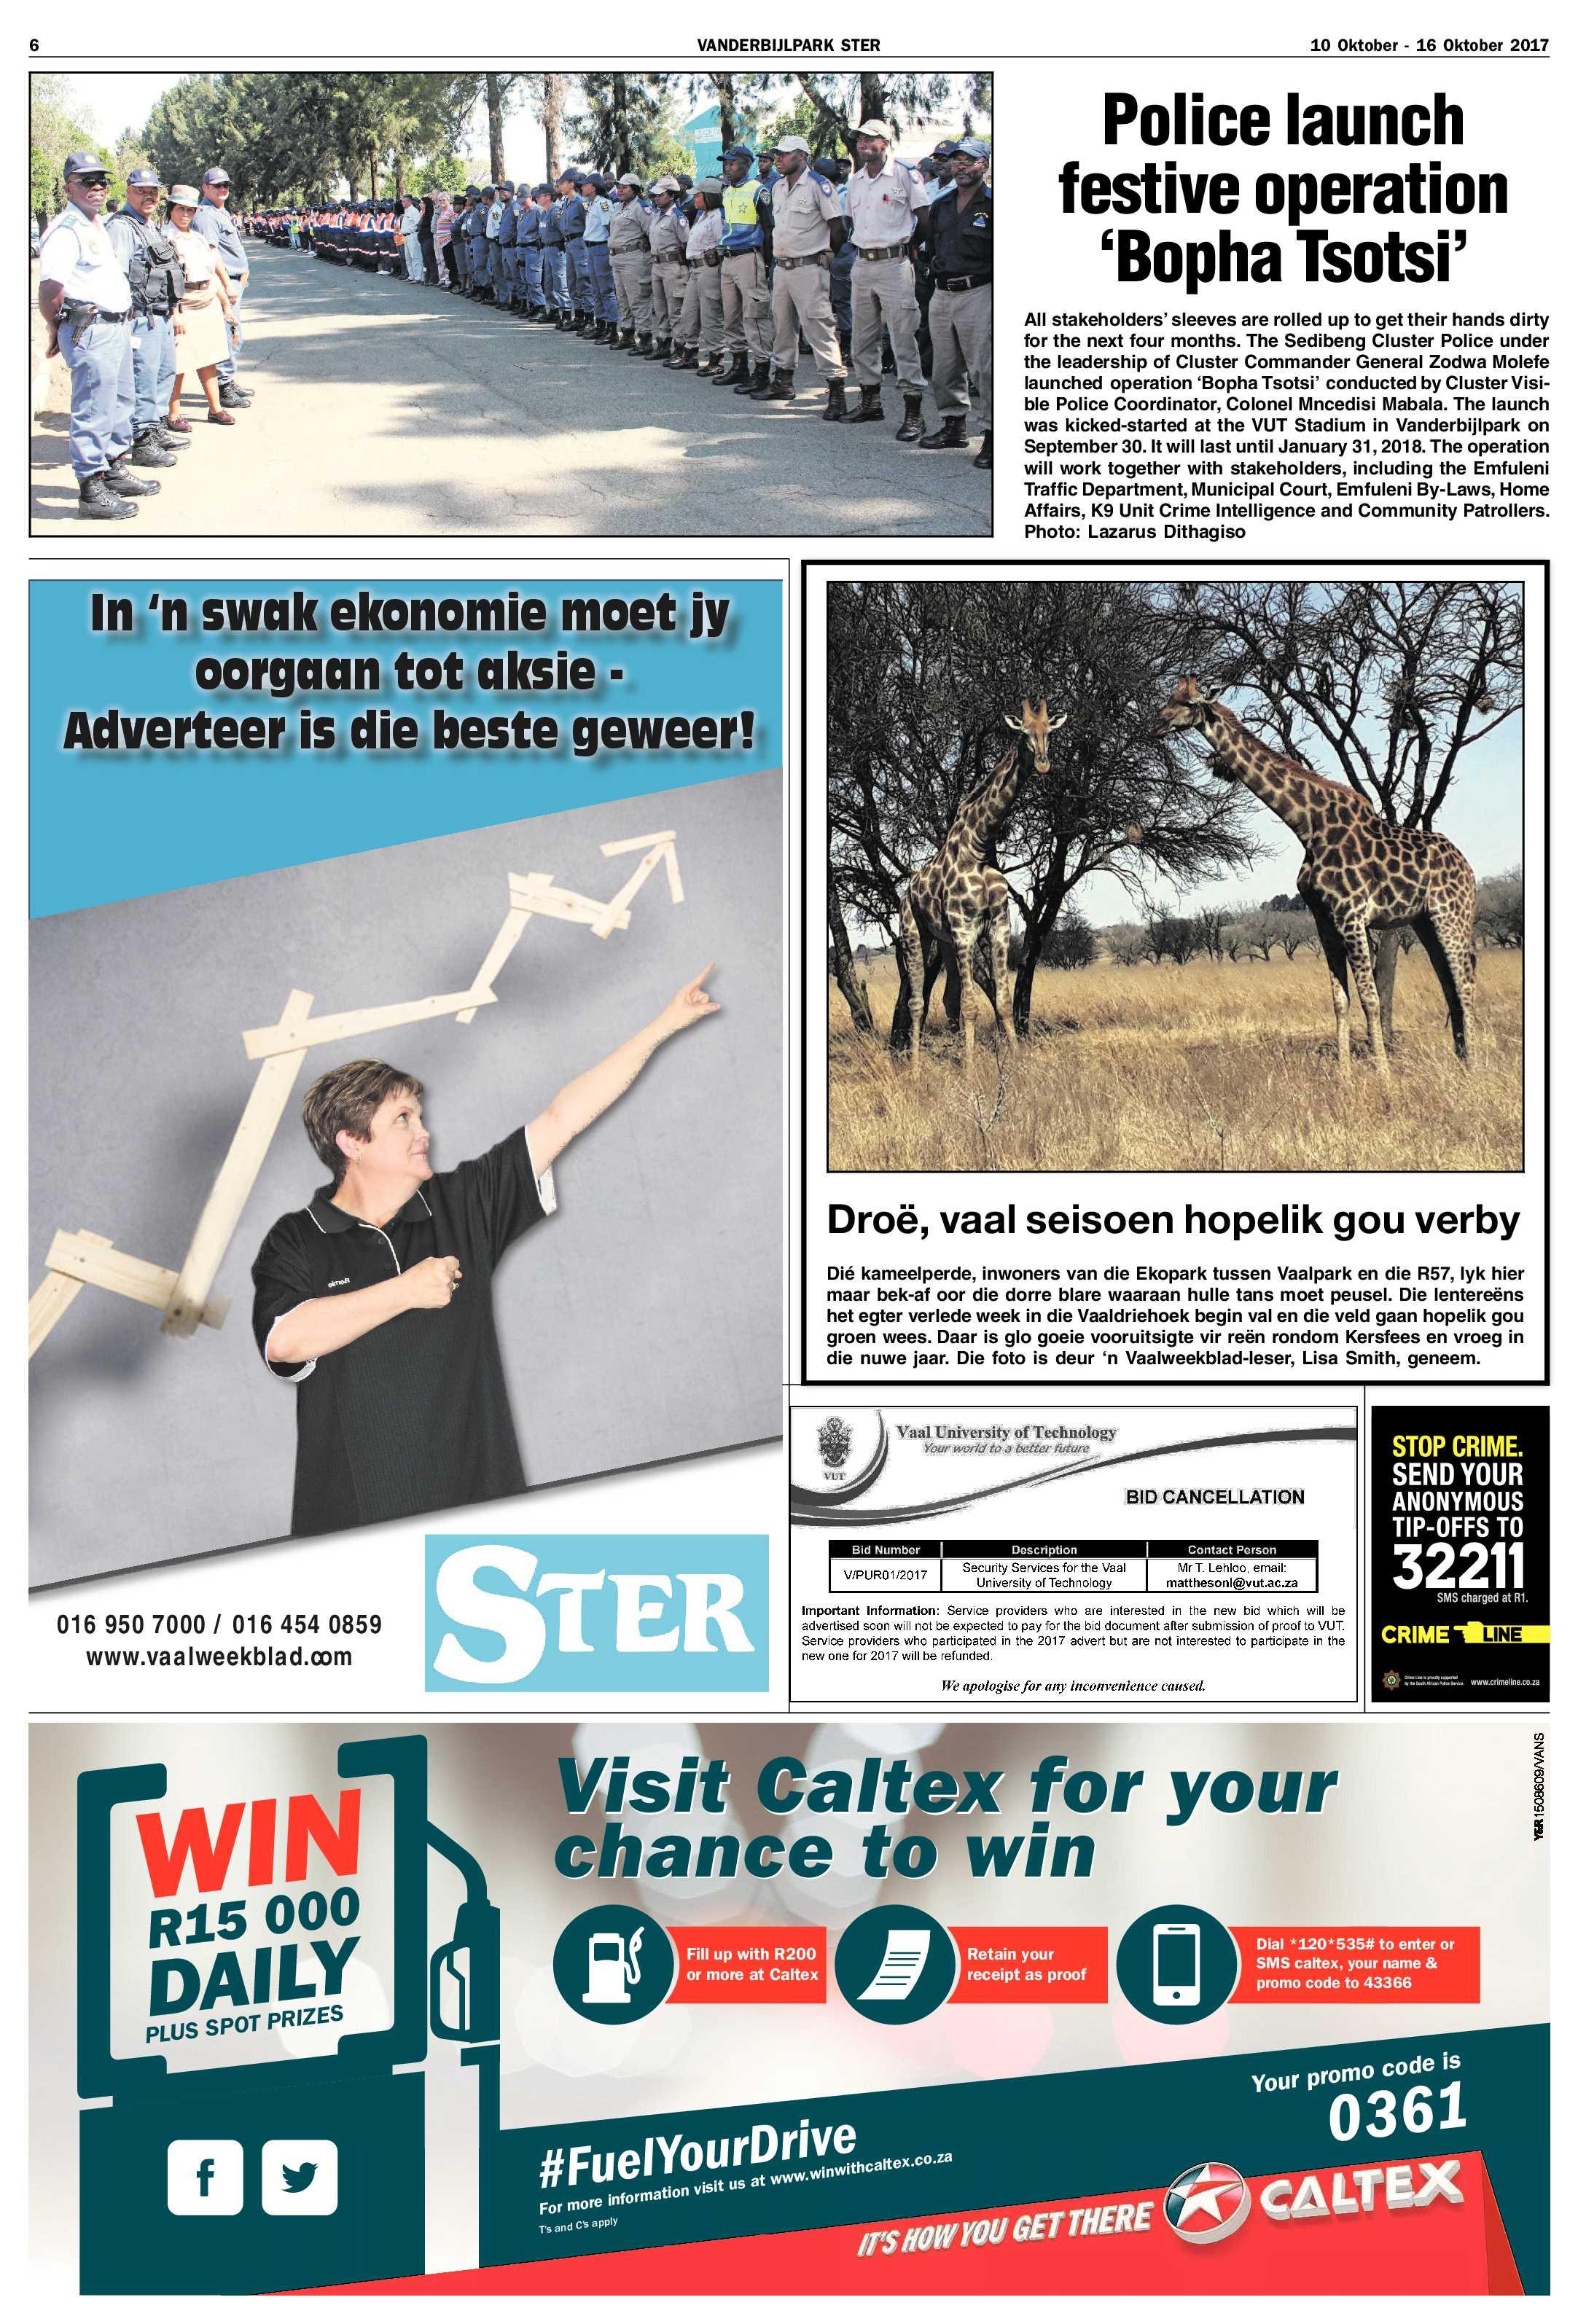 vanderbijlpark-ster-10-16-oktober-2017-epapers-page-6